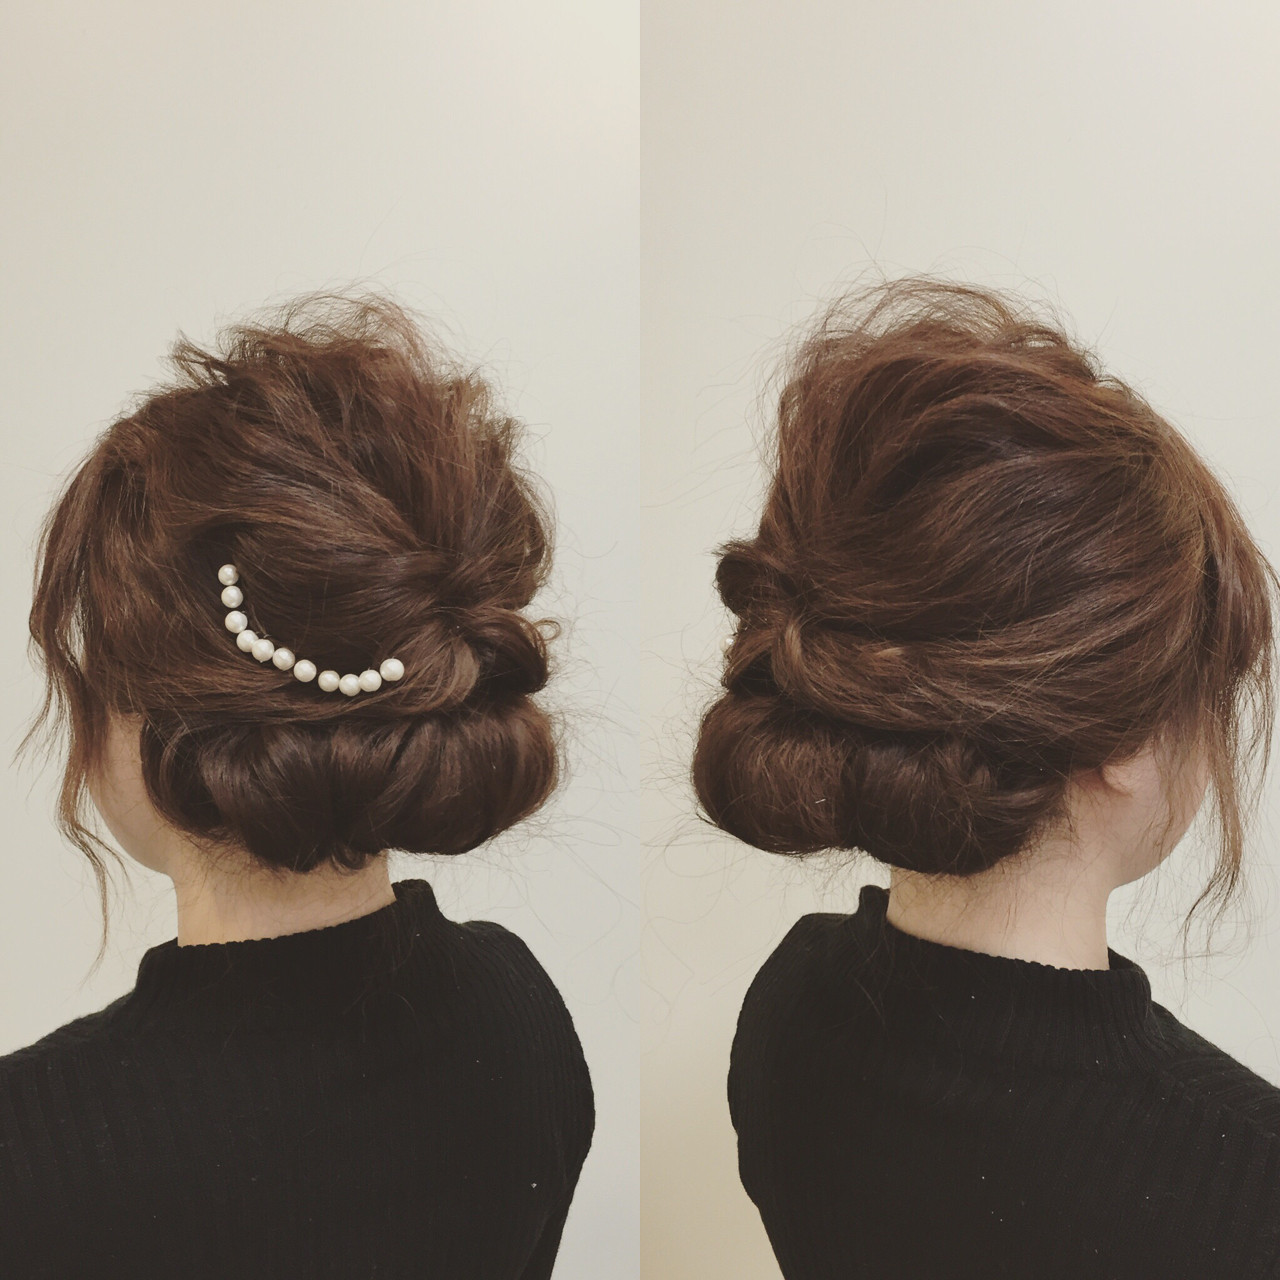 アップスタイル ヘアアレンジ ミディアム 結婚式 ヘアスタイルや髪型の写真・画像 | いまむ / ARES